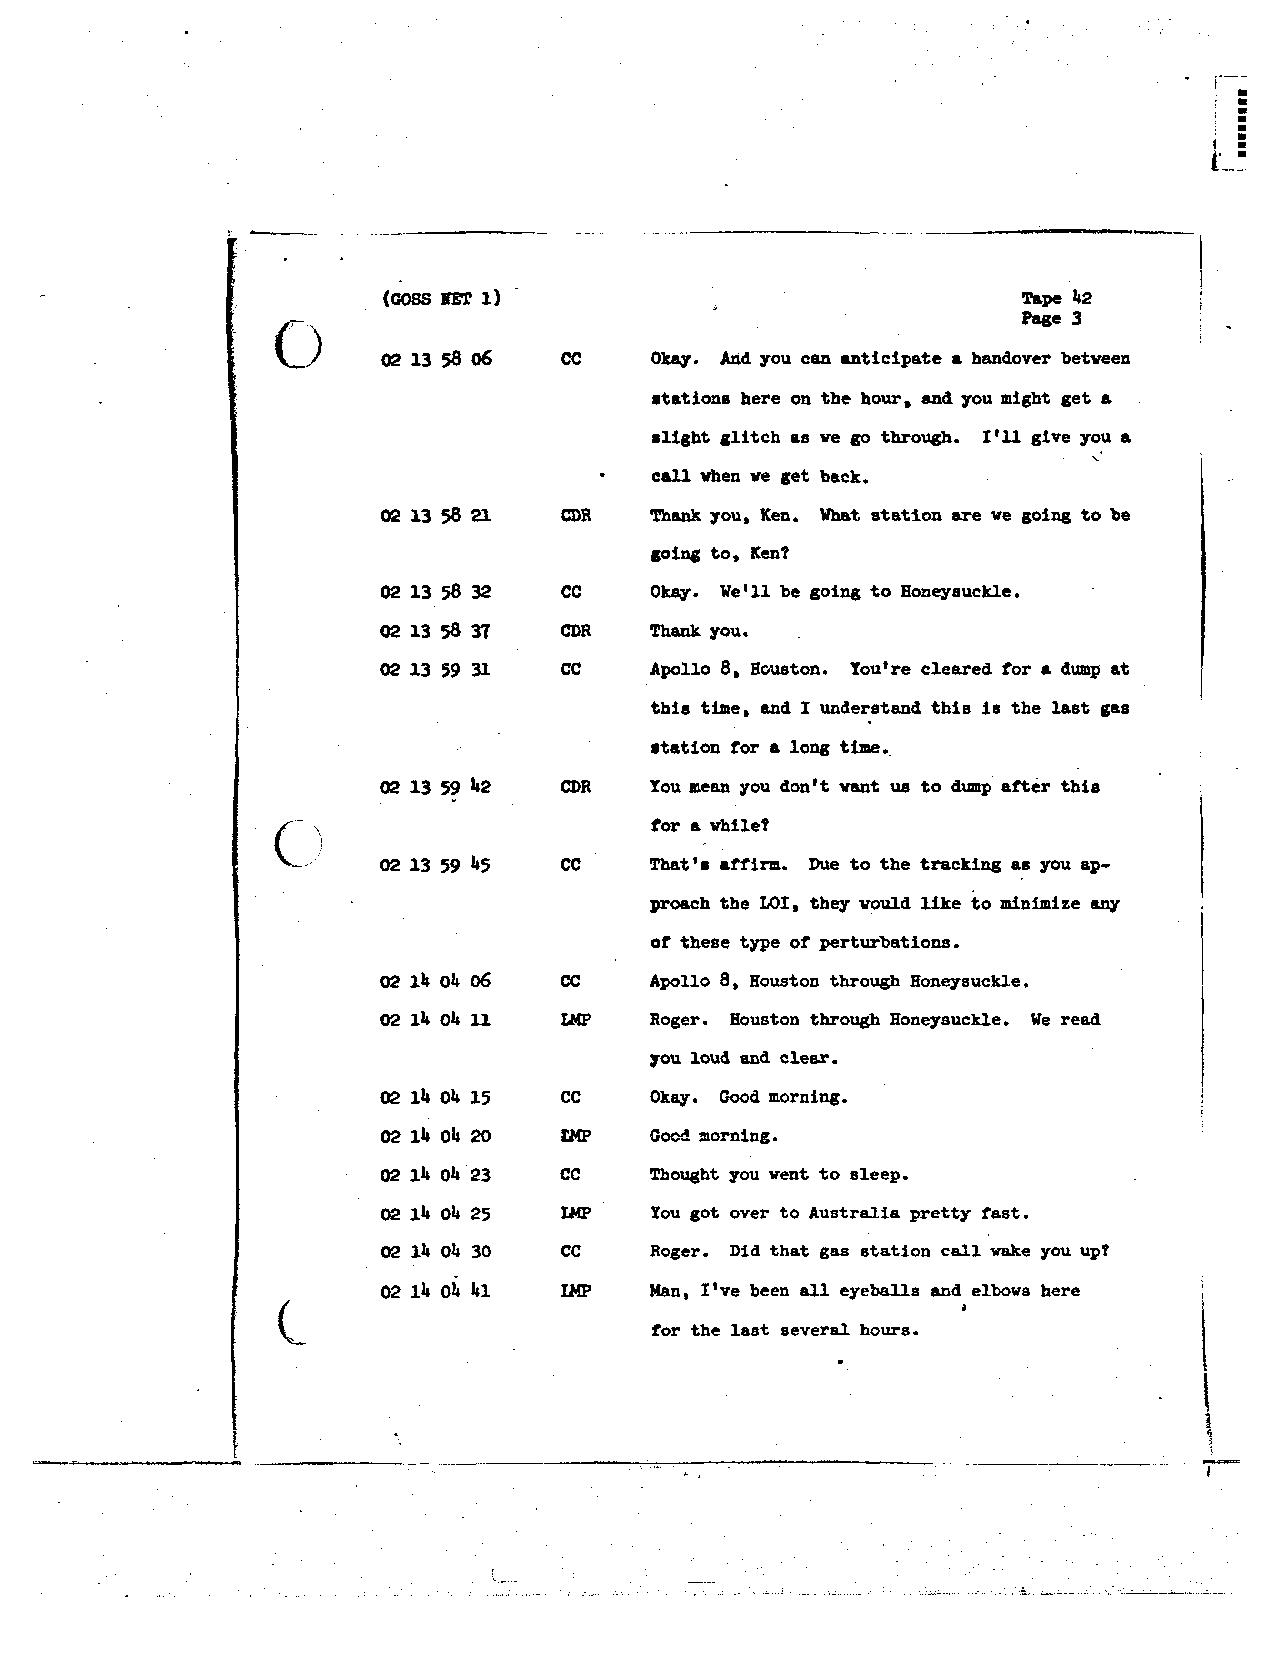 Page 325 of Apollo 8's original transcript